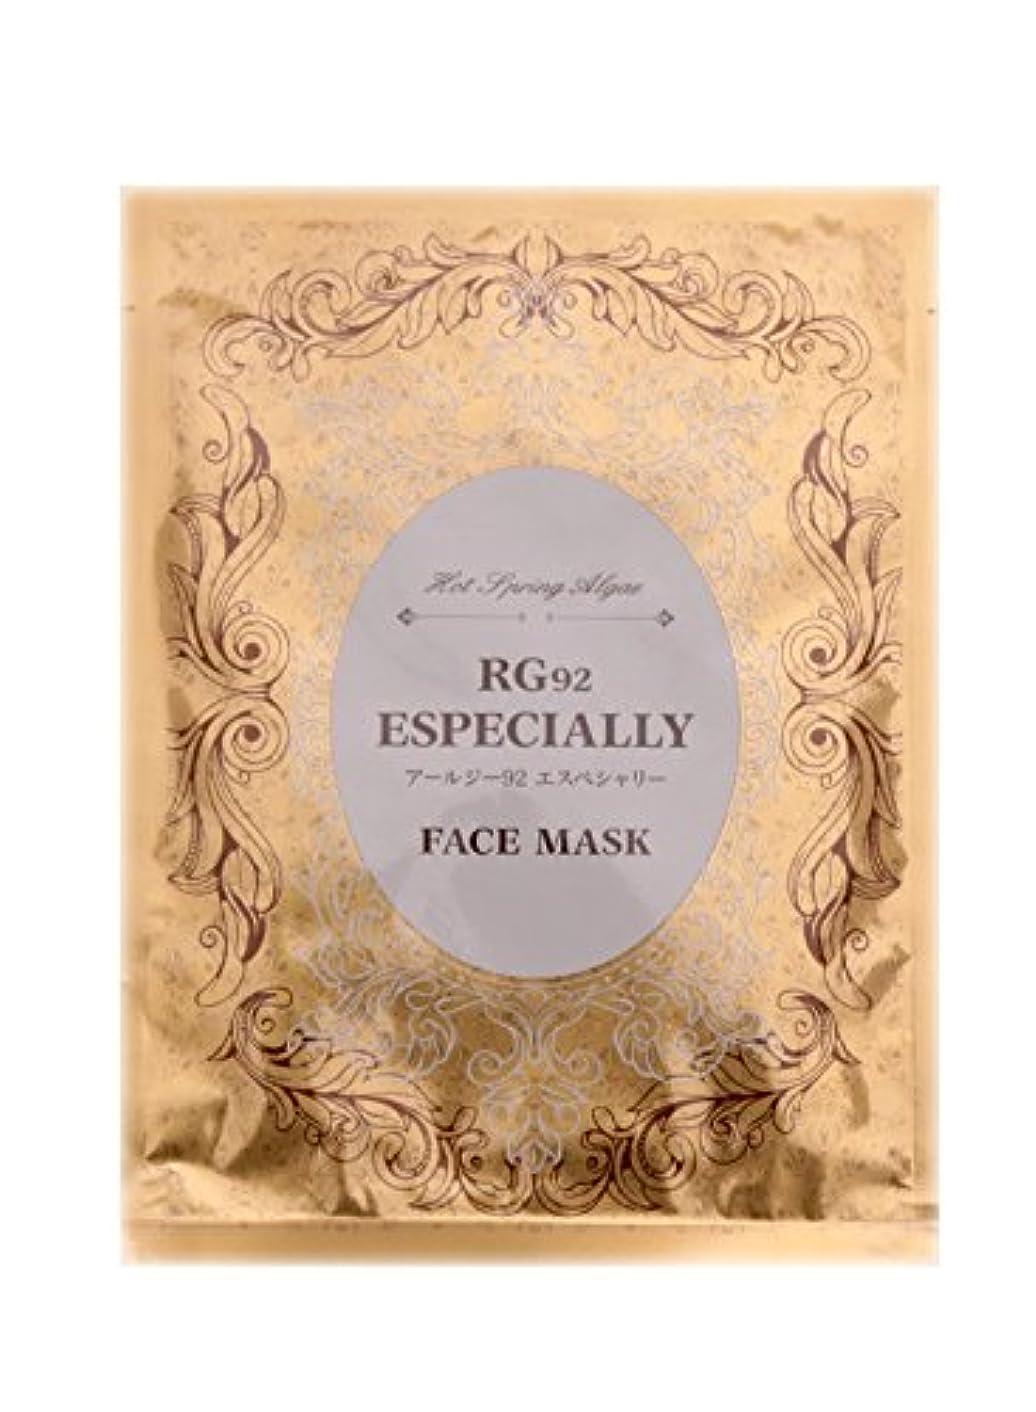 ワットグロー含む【超敏感肌用】 RG92美容液フェイスマスク 1枚